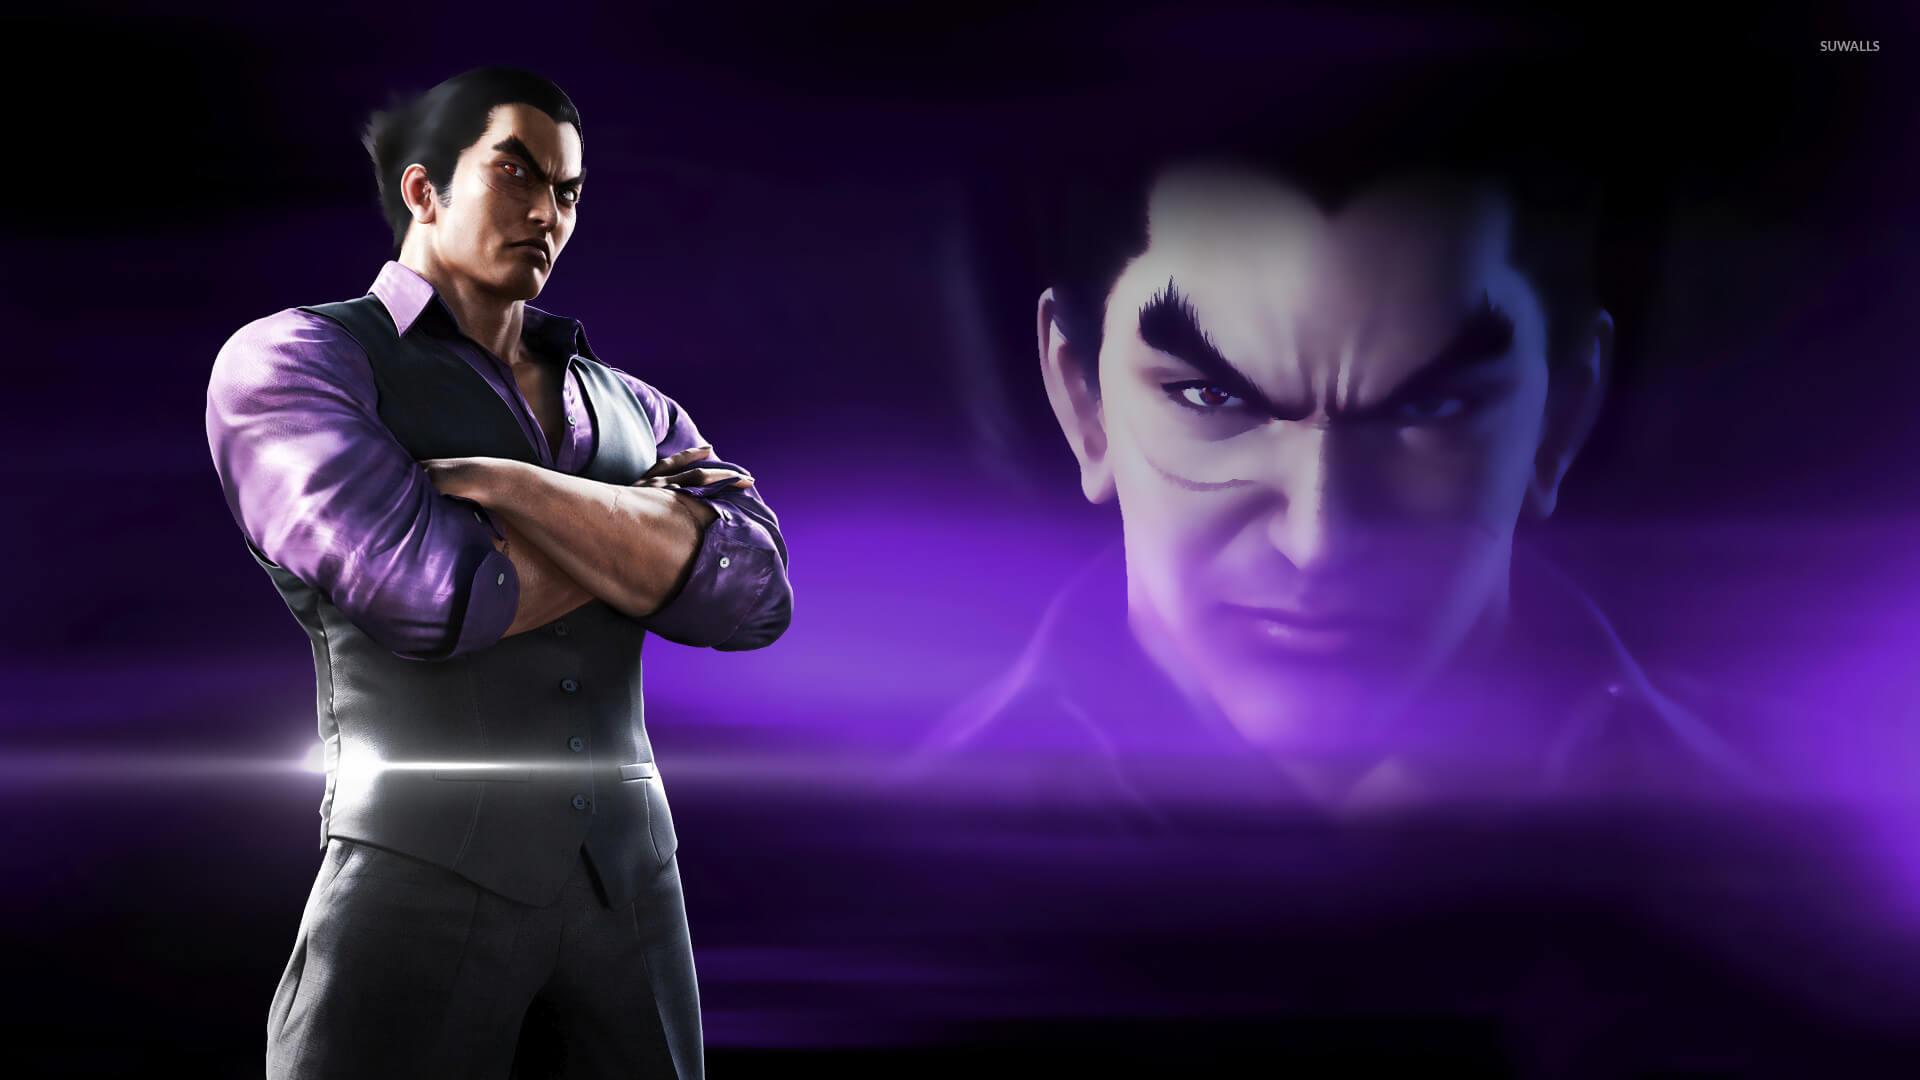 How to beat devil Kazuya - The Final Boss in Tekken 7 Story Mode